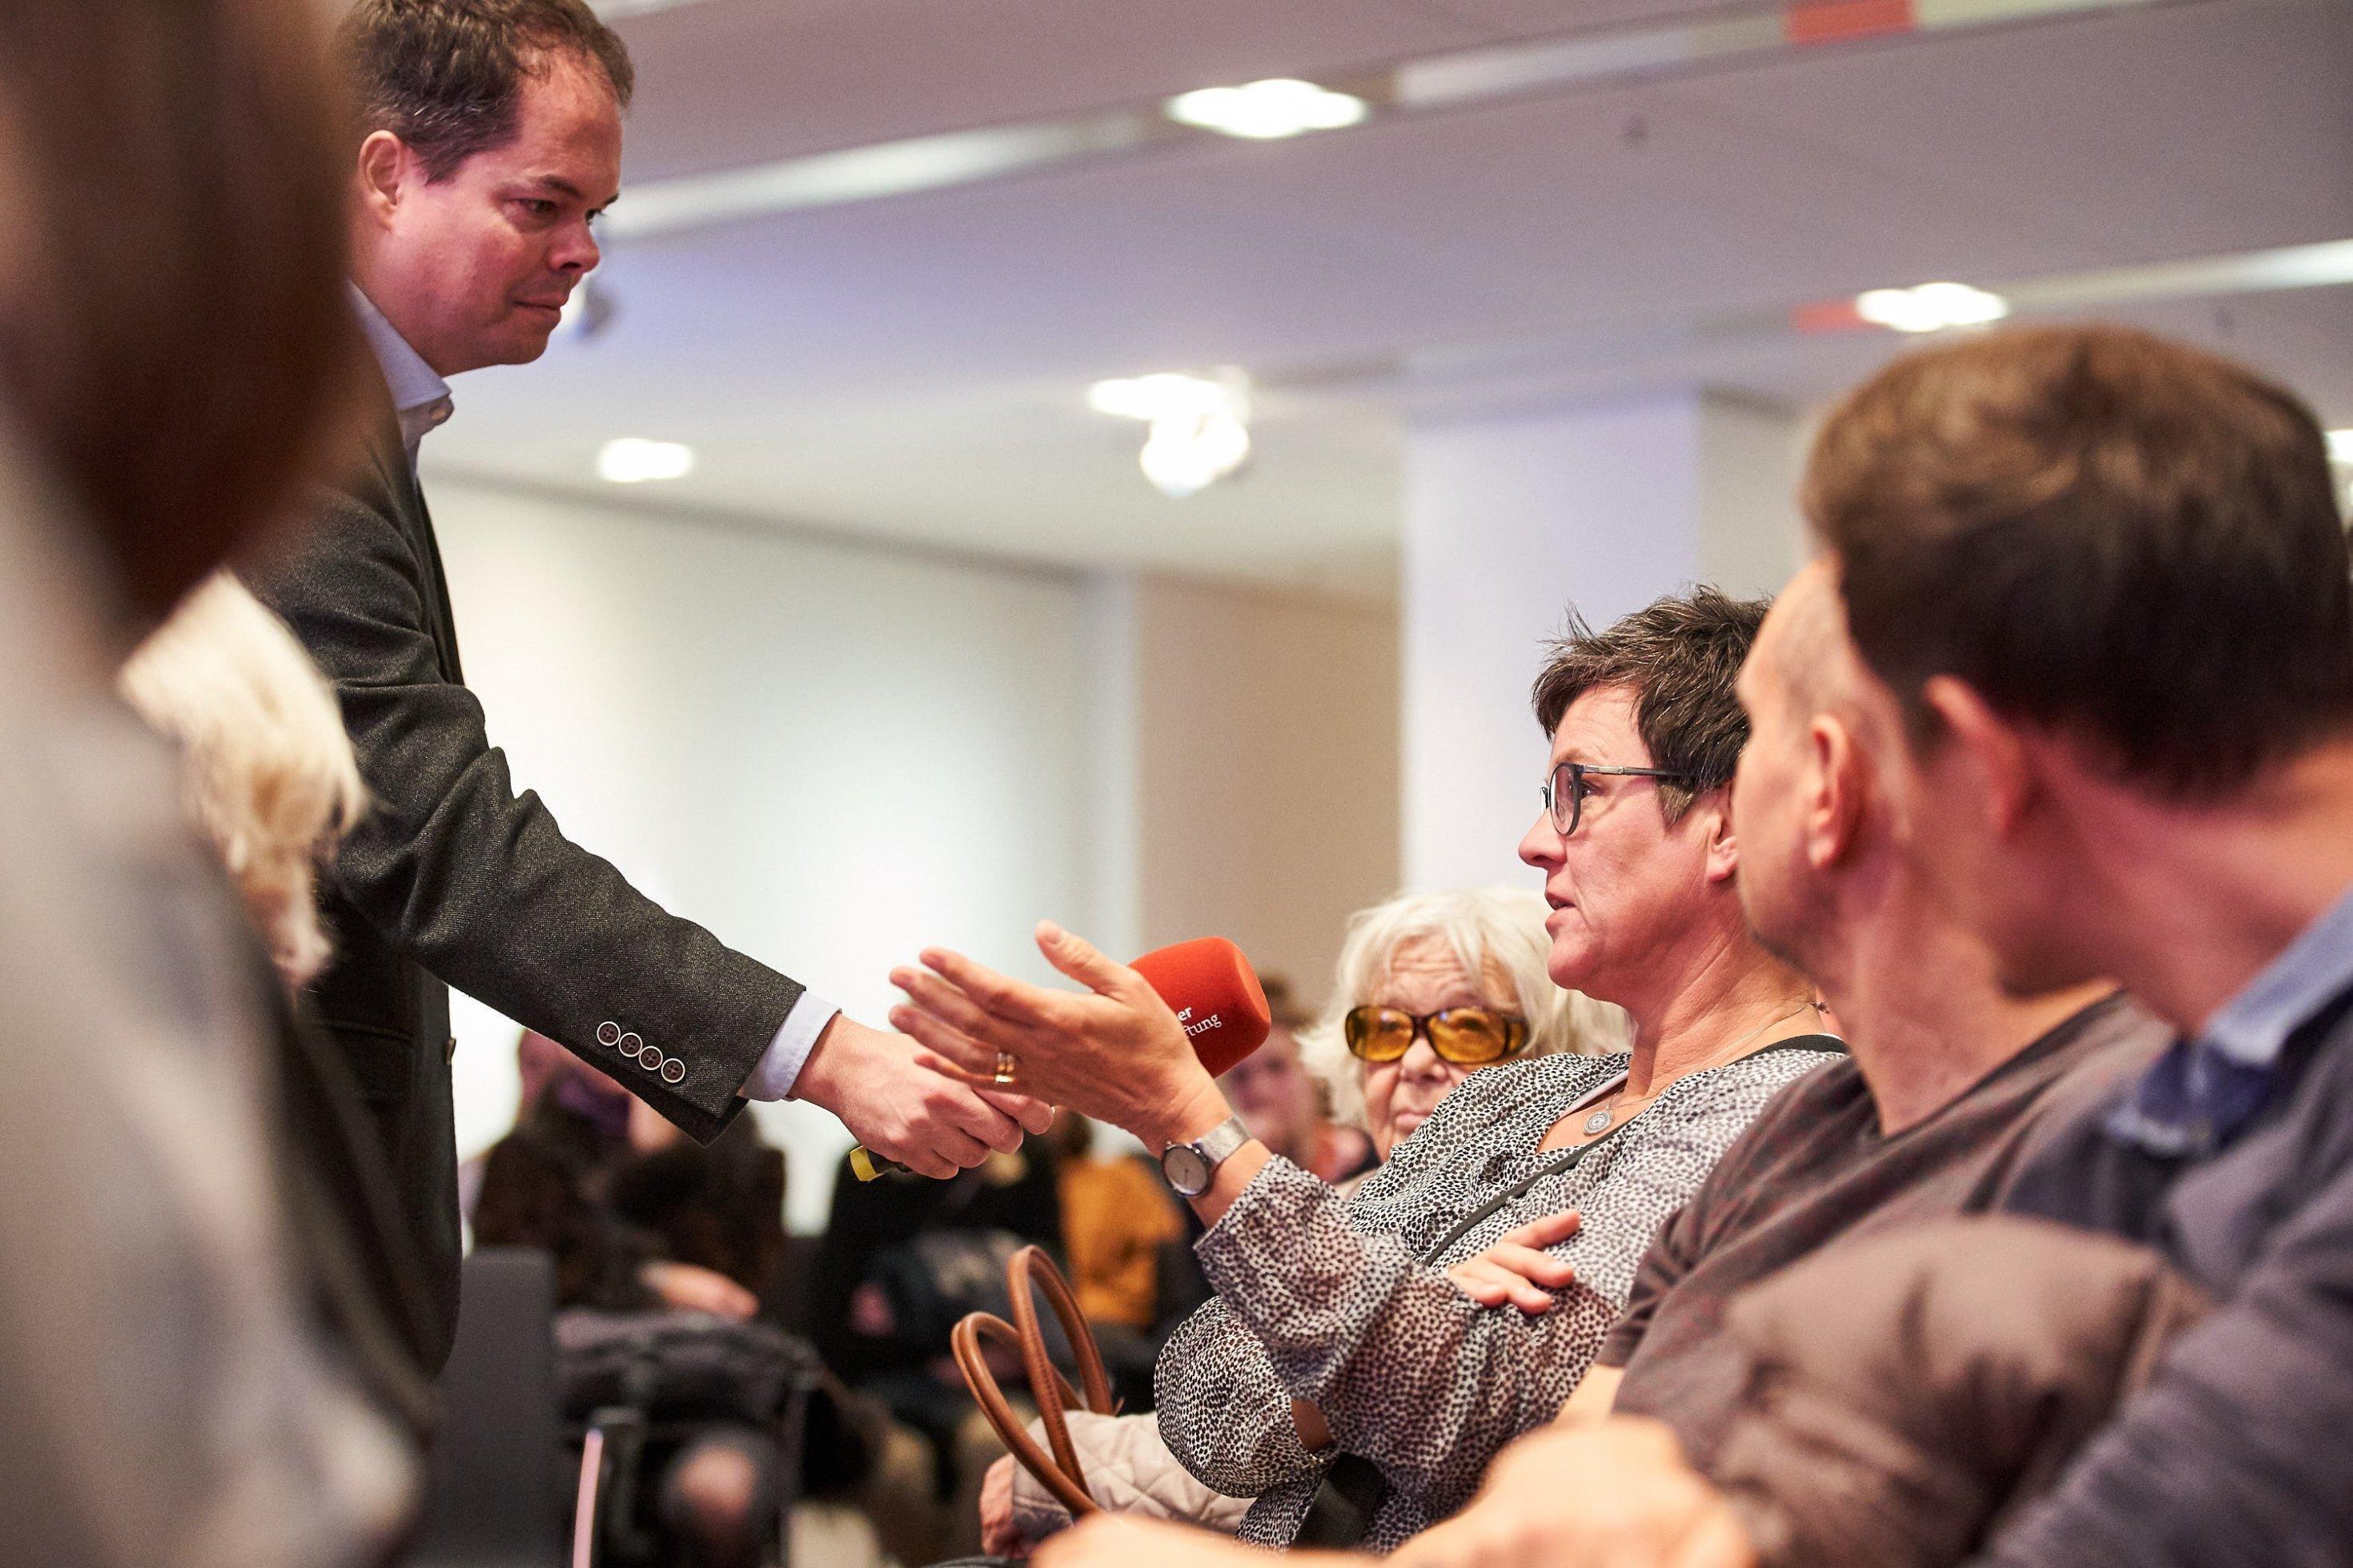 Unterschiedliche Meinungen: Moderator Alexander Mäder im Gespräch mit den Besuchern im Körber-Forum in Hamburg.